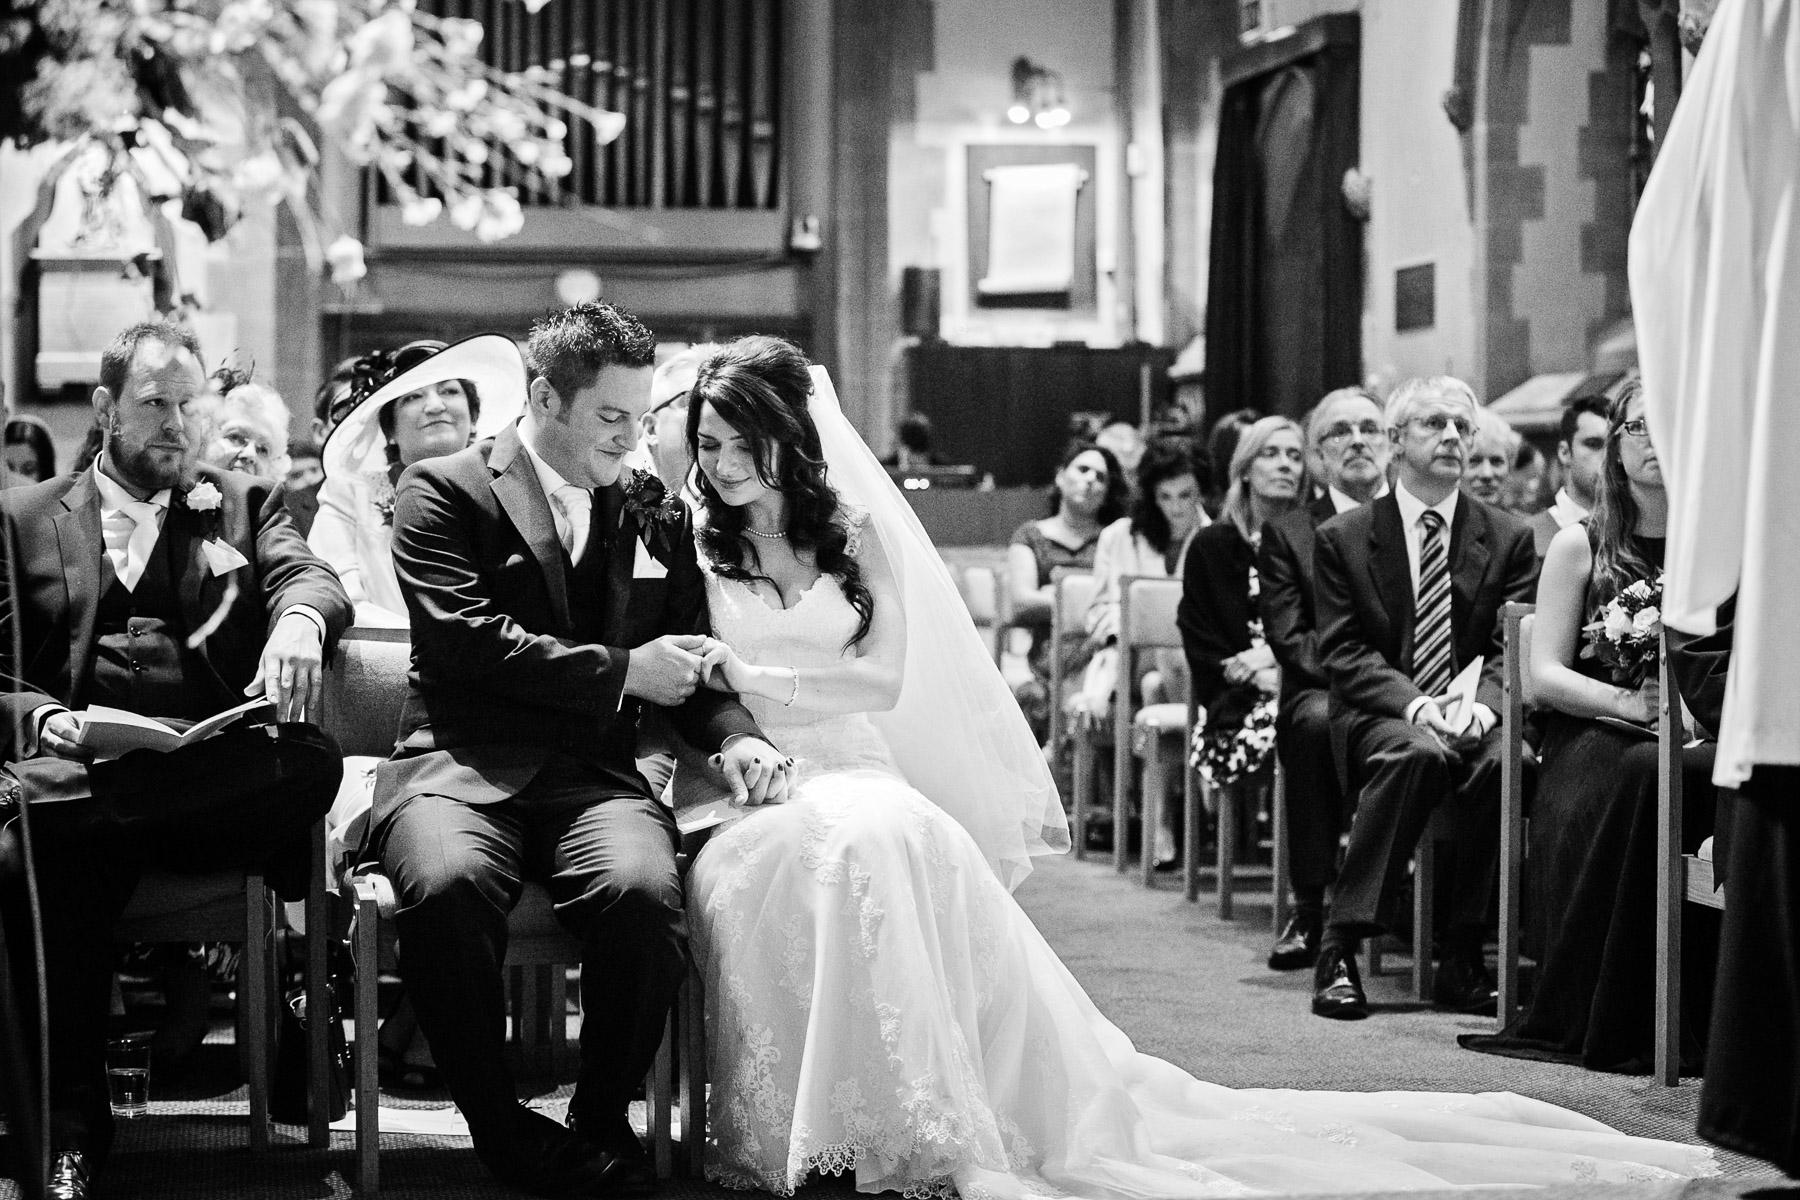 wedding portfolio 25-09-17  021.jpg